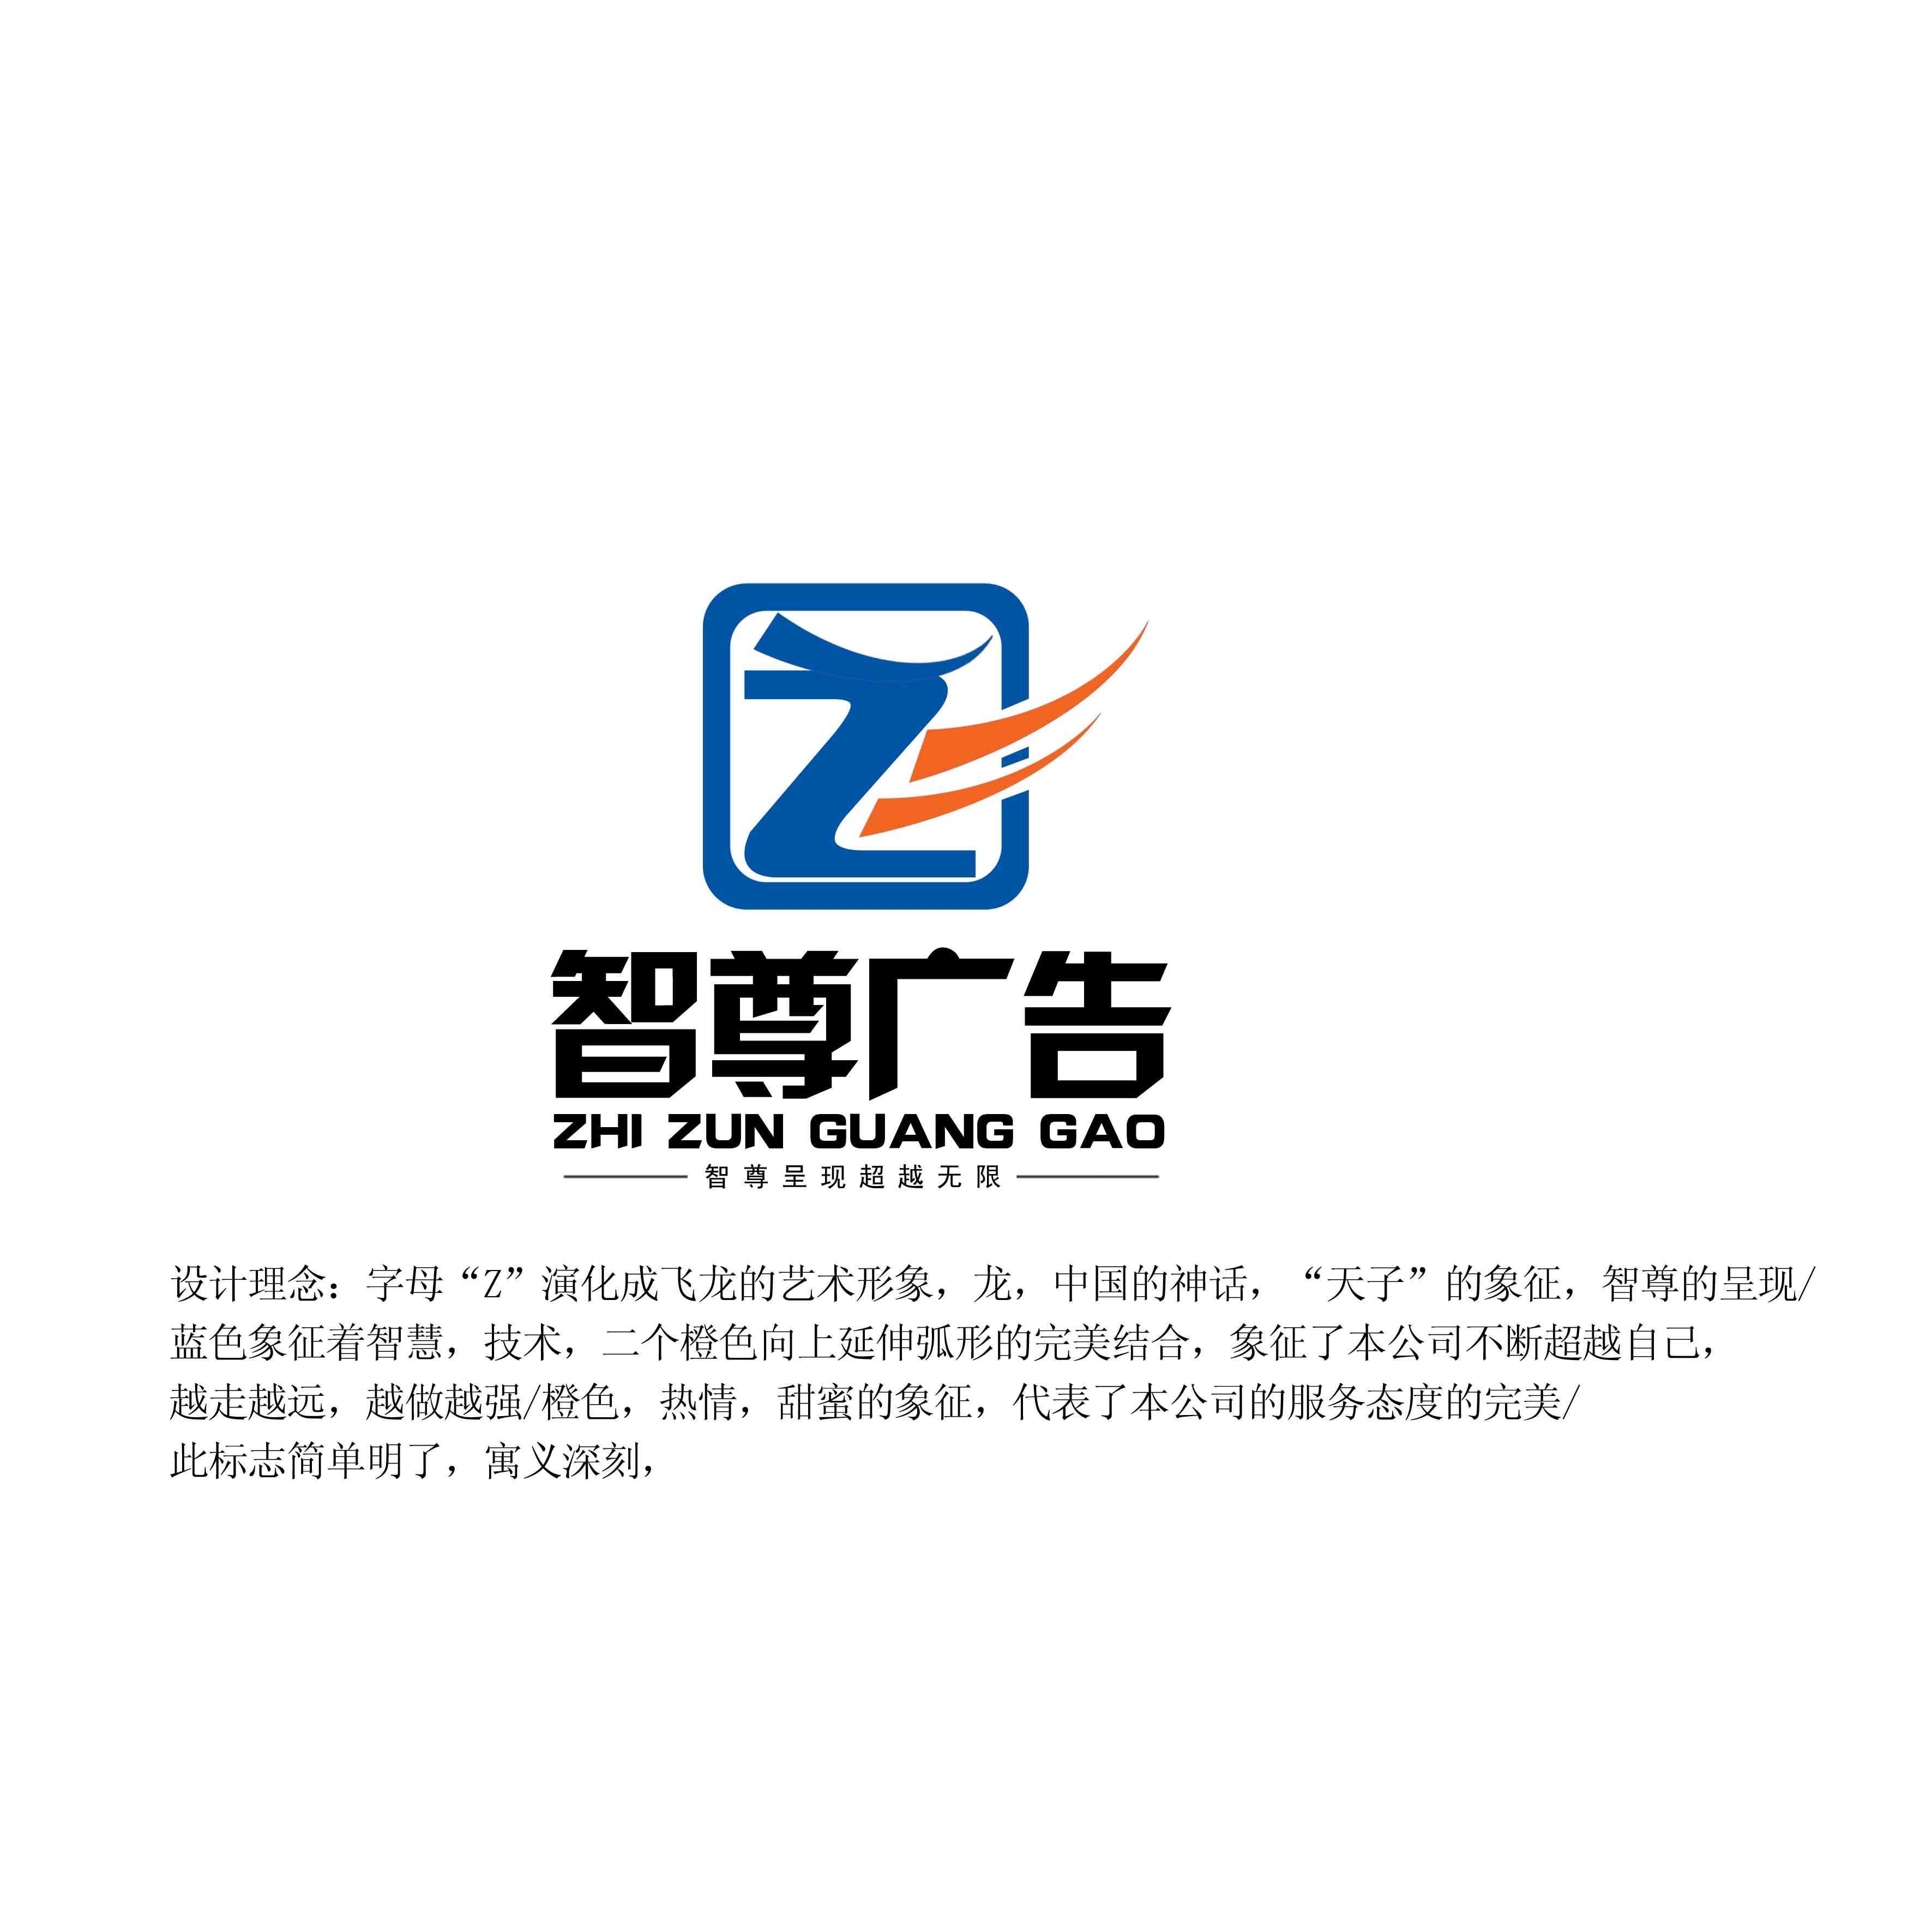 200元 安庆智尊广告公司logo设计- 稿件[#1721762] - 作者:唯美设计室